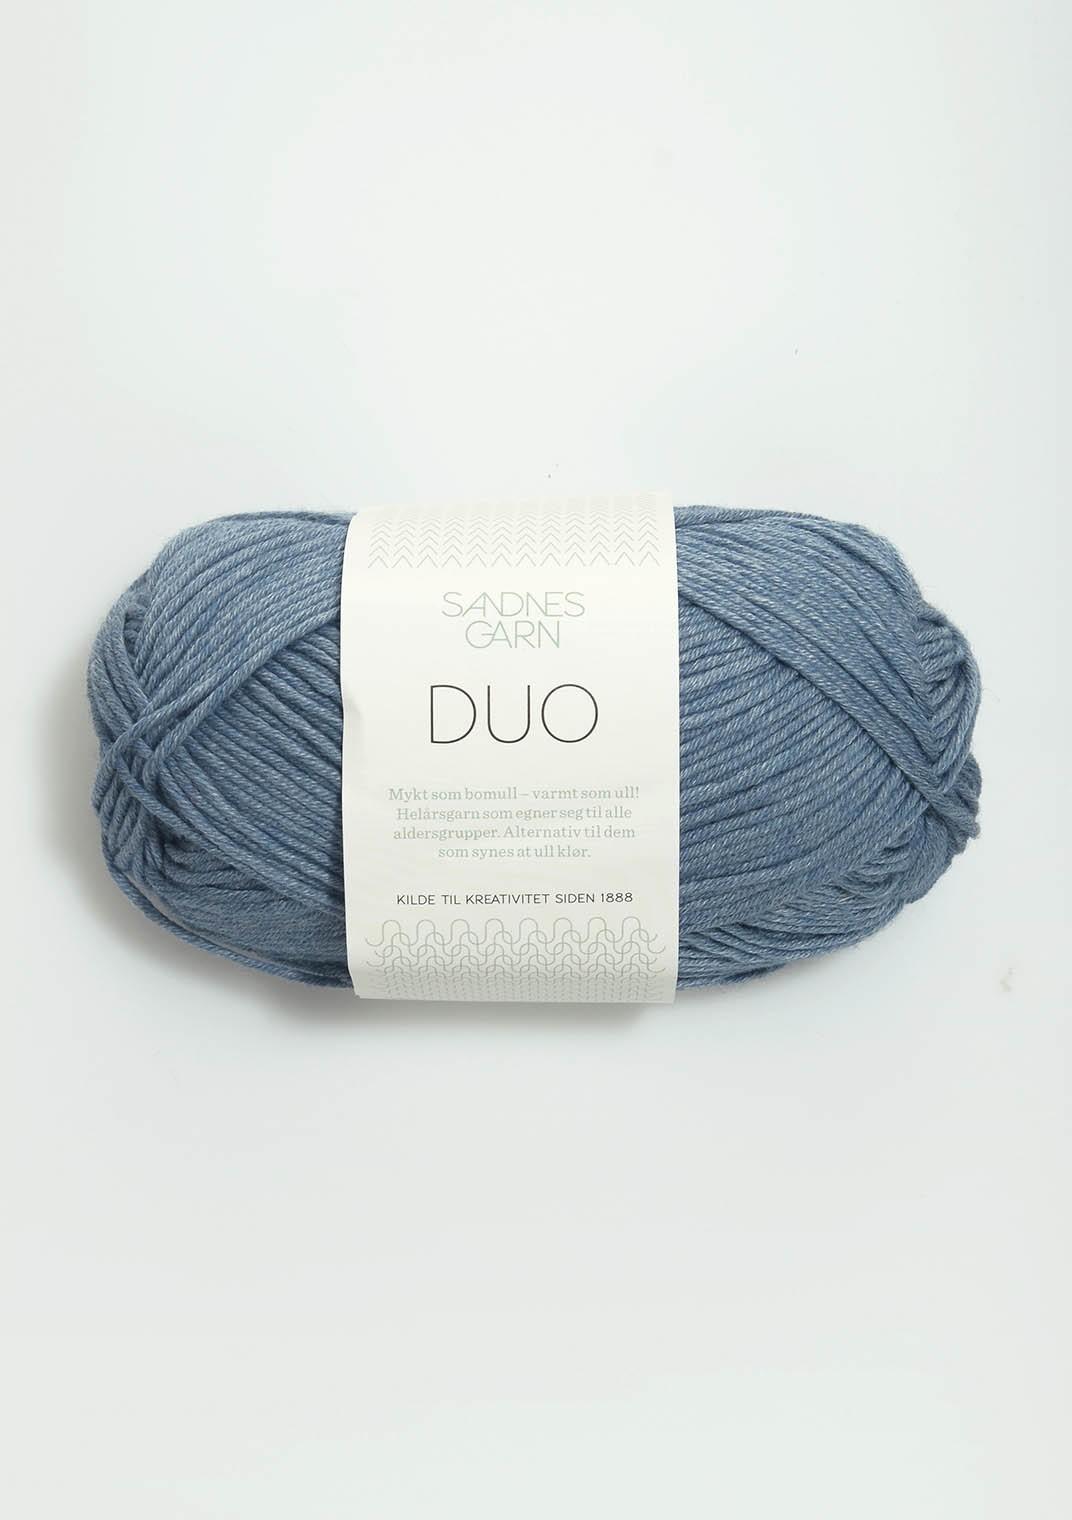 Sandnes 6033 jeansblå DUO